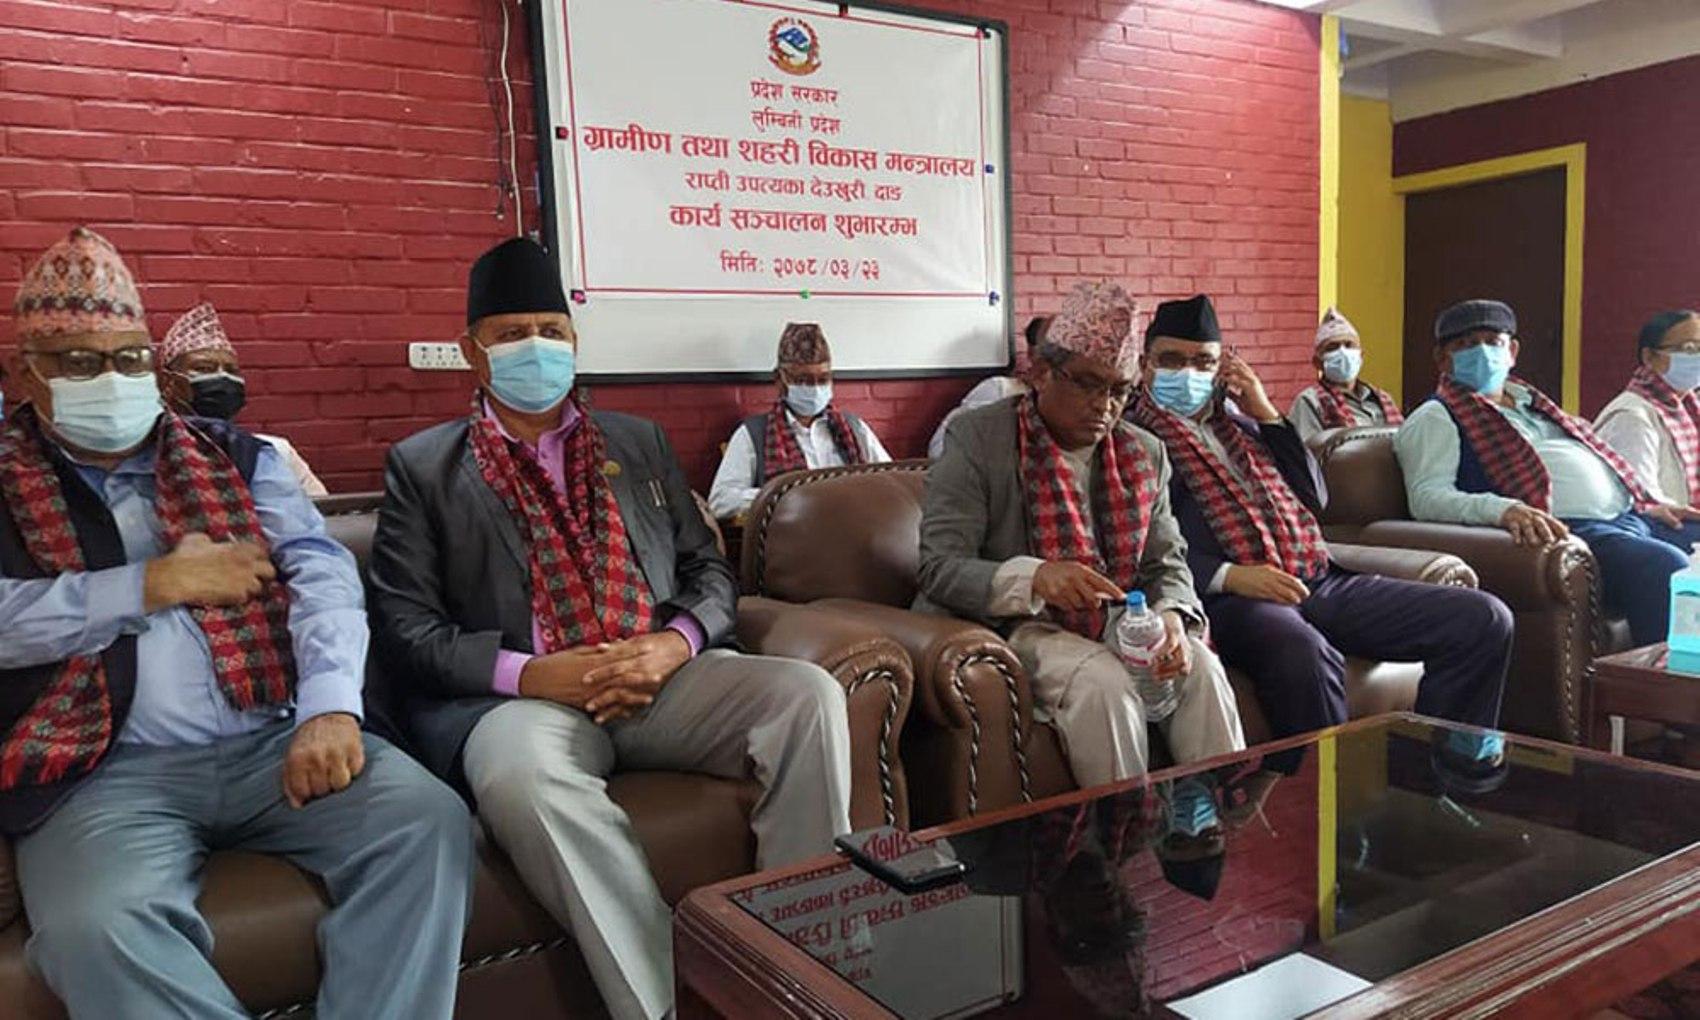 स्थायी राजधानी बनेको १० महिनापछि लुम्बिनी प्रदेशको एउटा मन्त्रालय दाङ सारियो